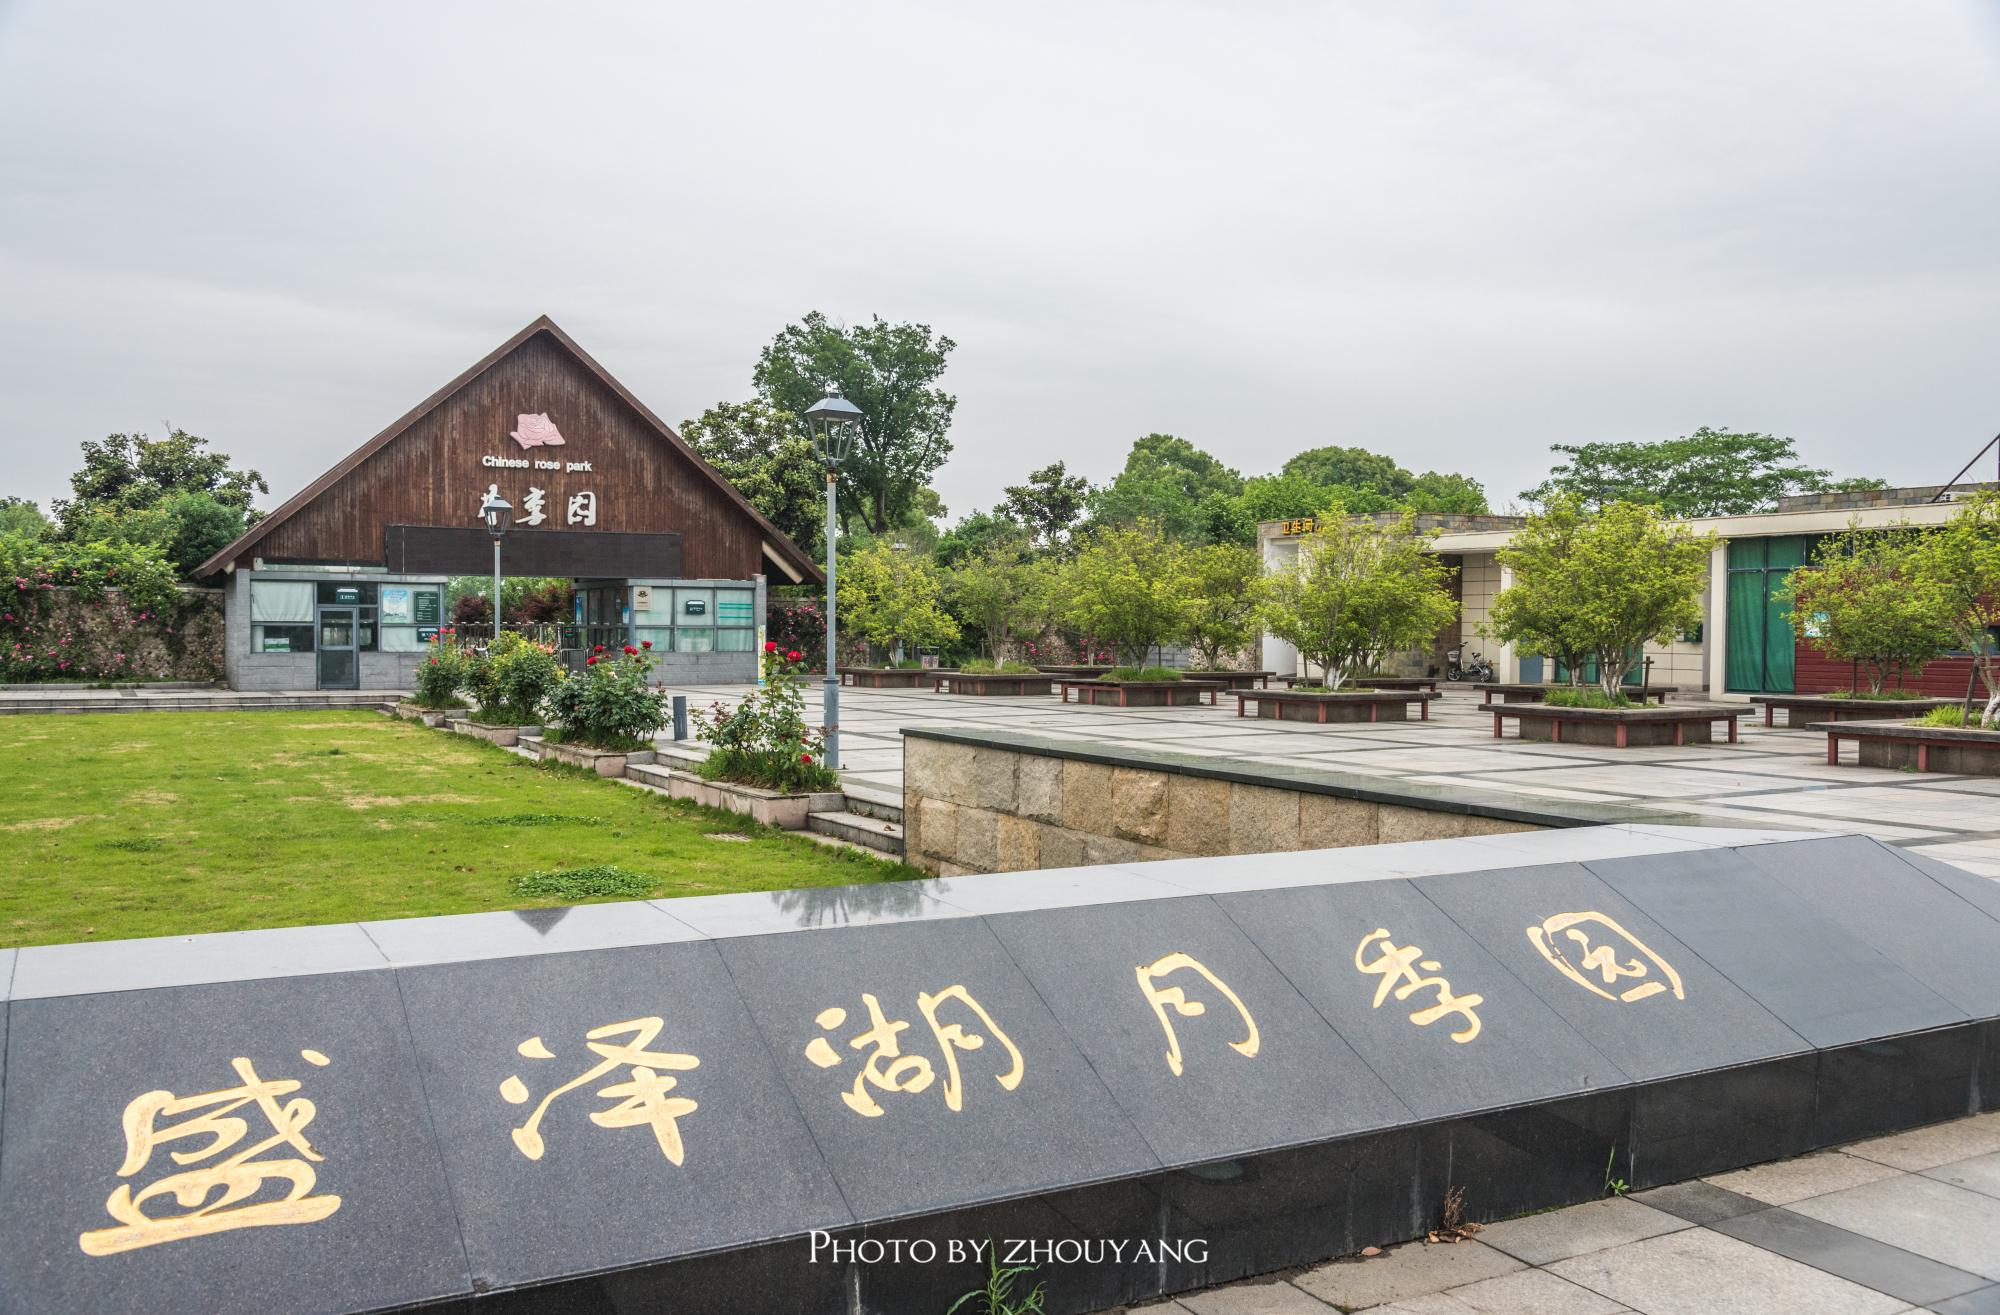 苏州盛泽湖月季园